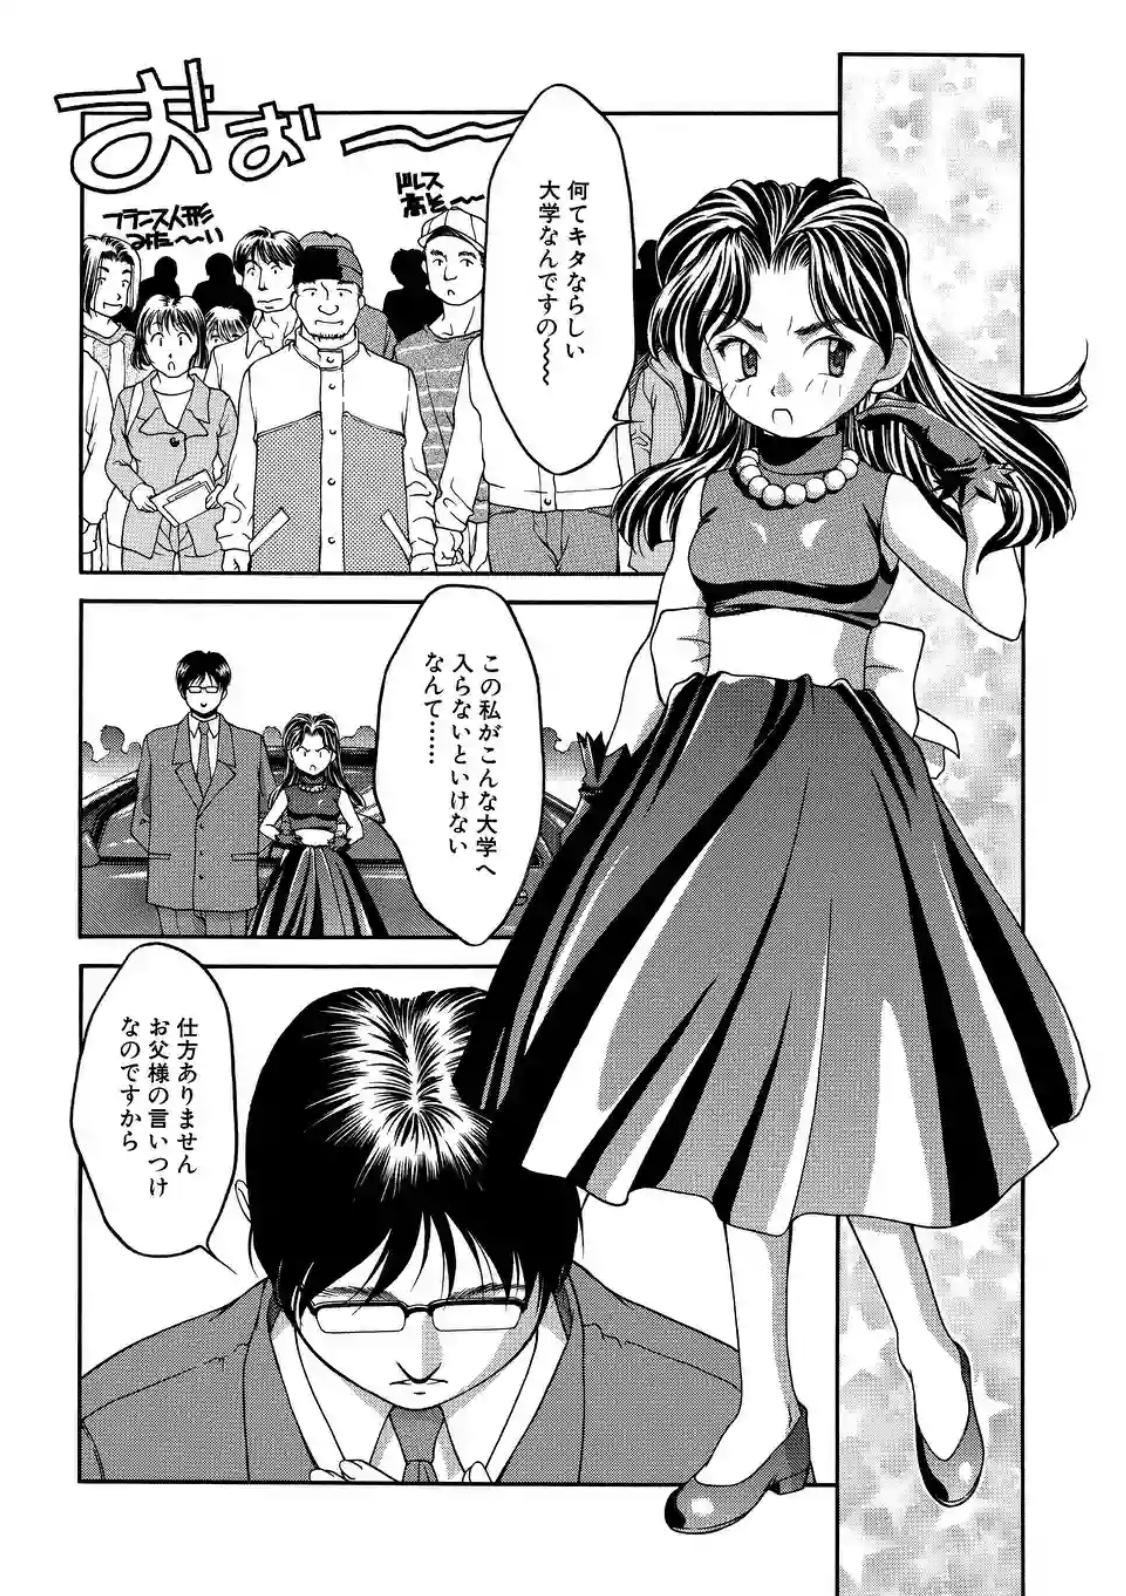 『藍より青し』が無料!ハーレム漫画の魅力をキャラクターからネタバレ紹介!